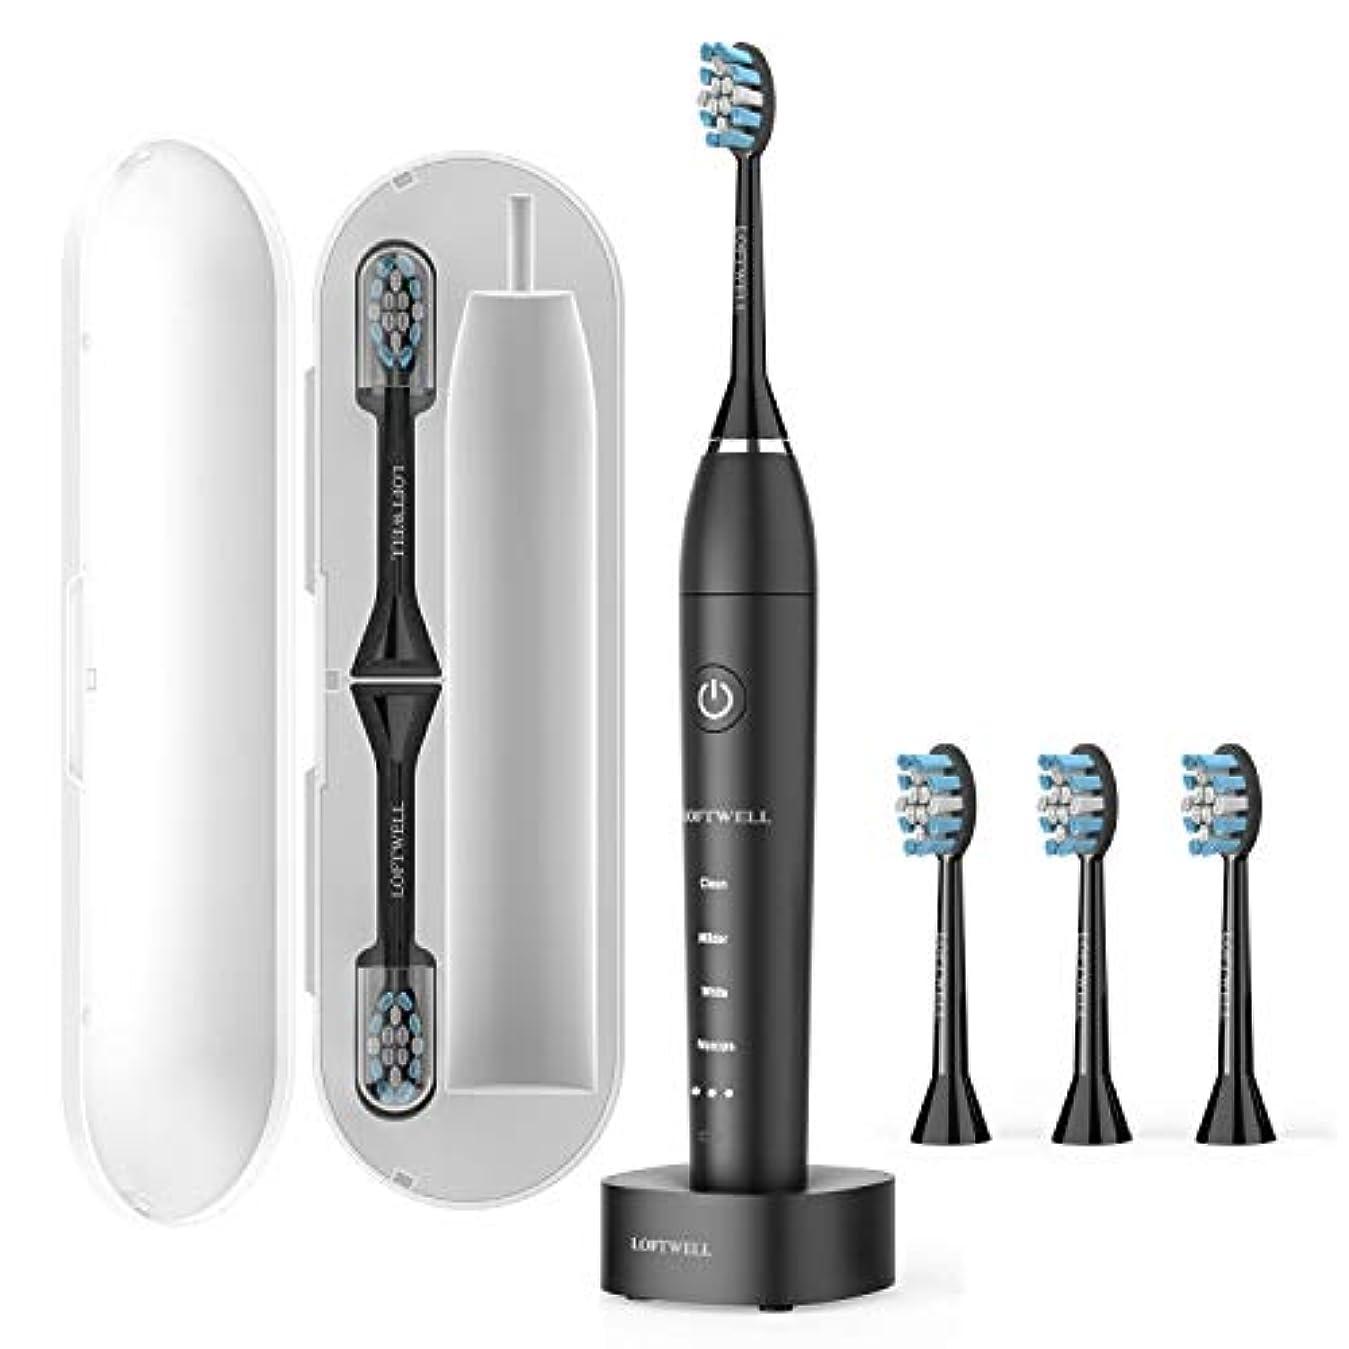 オッズ胃お肉電動歯ブラシ USB充電式 LOFTWELL 音波歯ブラシ 4モード 超音波 歯ブラシ 2分間オートタイマー機能搭載 フル充電20日使え IPX7防水 替えブラシ6本付き (D5-電動歯ブラシ)